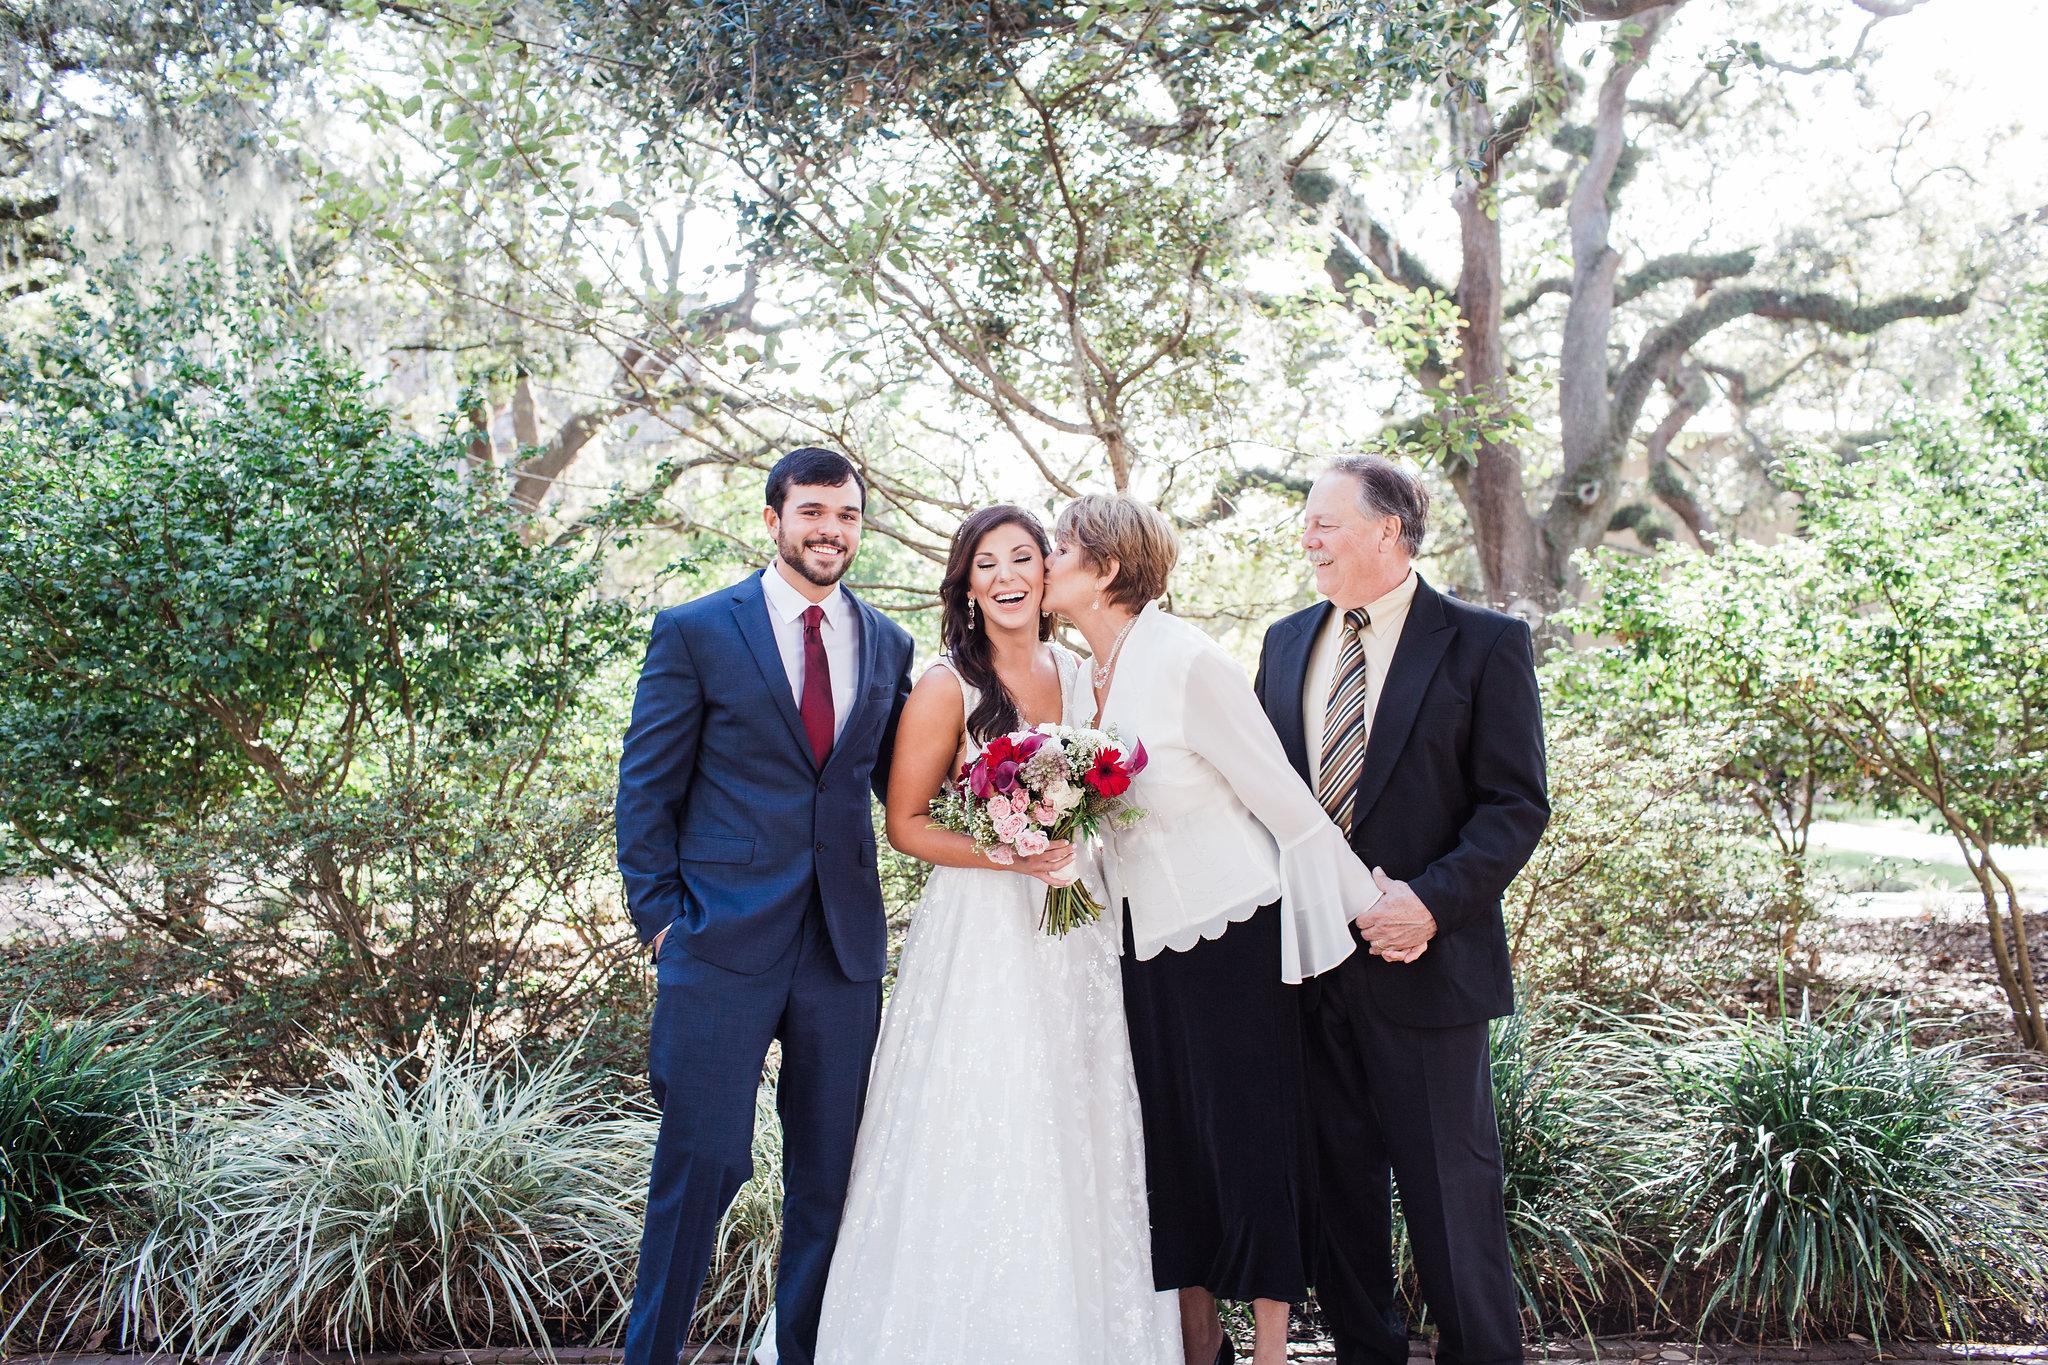 apt-b-photography-lindsey-shawn-Savannah-wedding-photographer-savannah-elopement-photographer-historic-savannah-elopement-savannah-weddings-hilton-head-wedding-photographer-jekyll-island-wedding-photographer-8.jpg